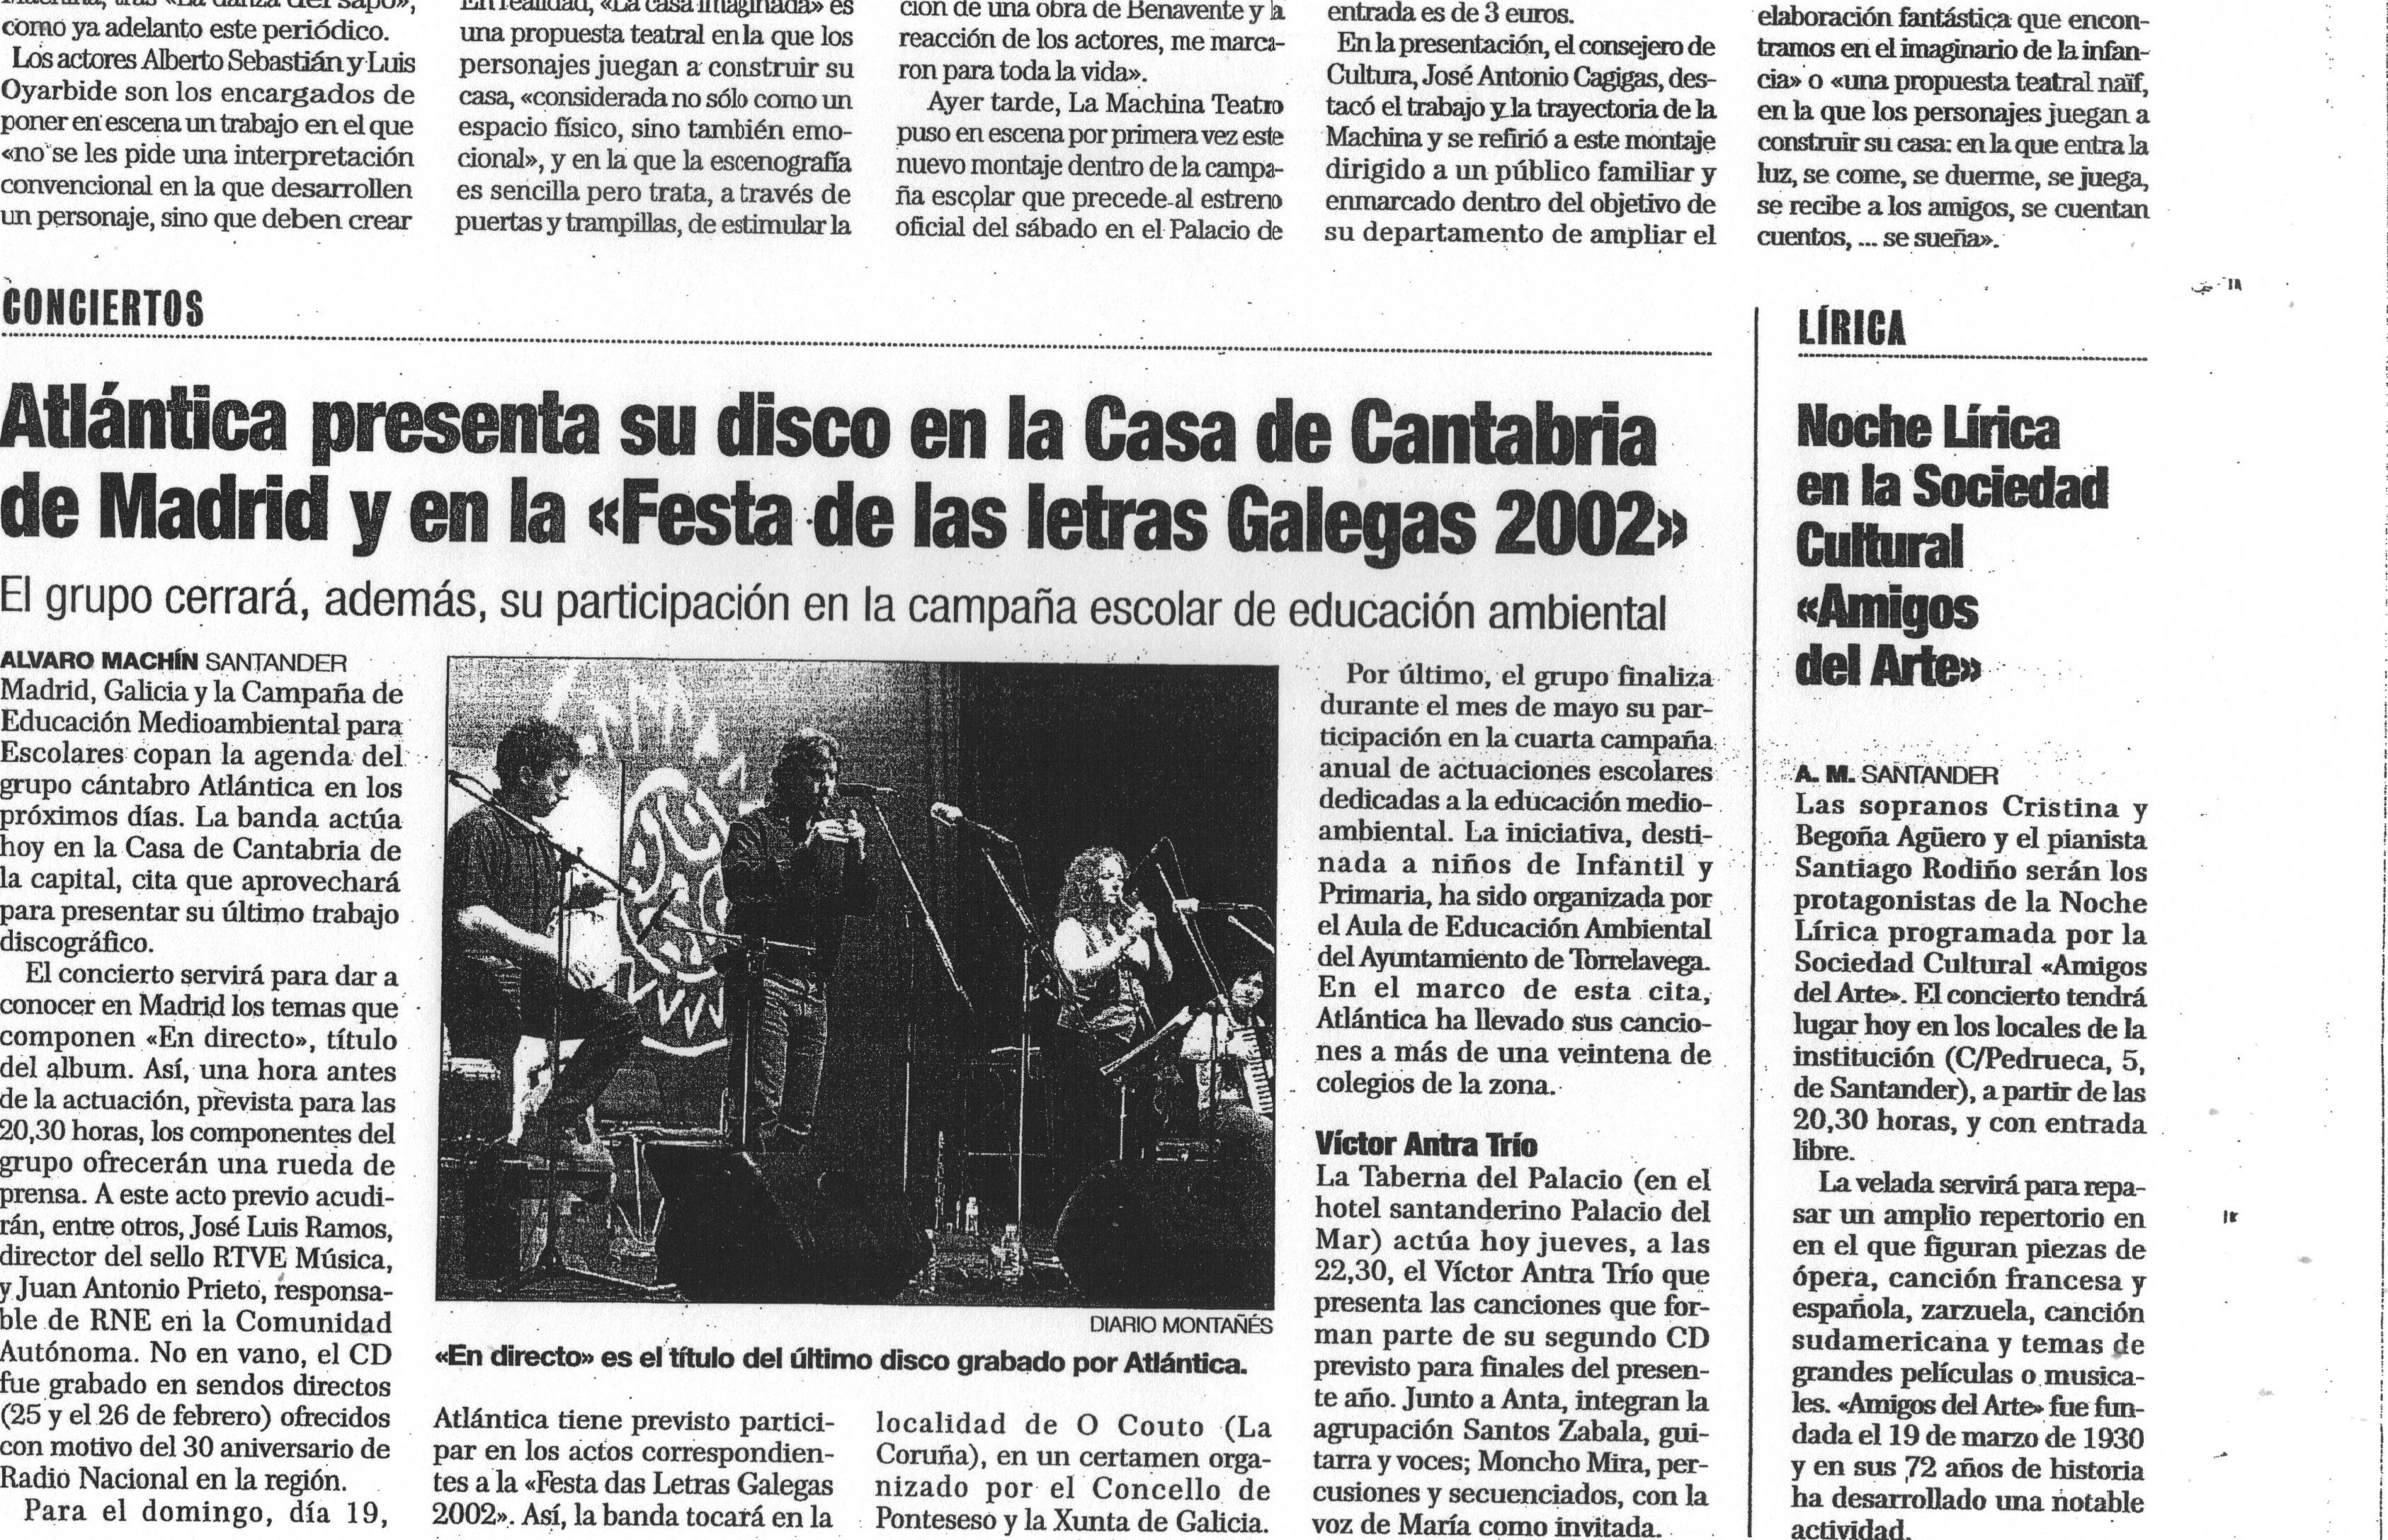 MARCOS BÁRCENA | Fotos - Musikaze.com